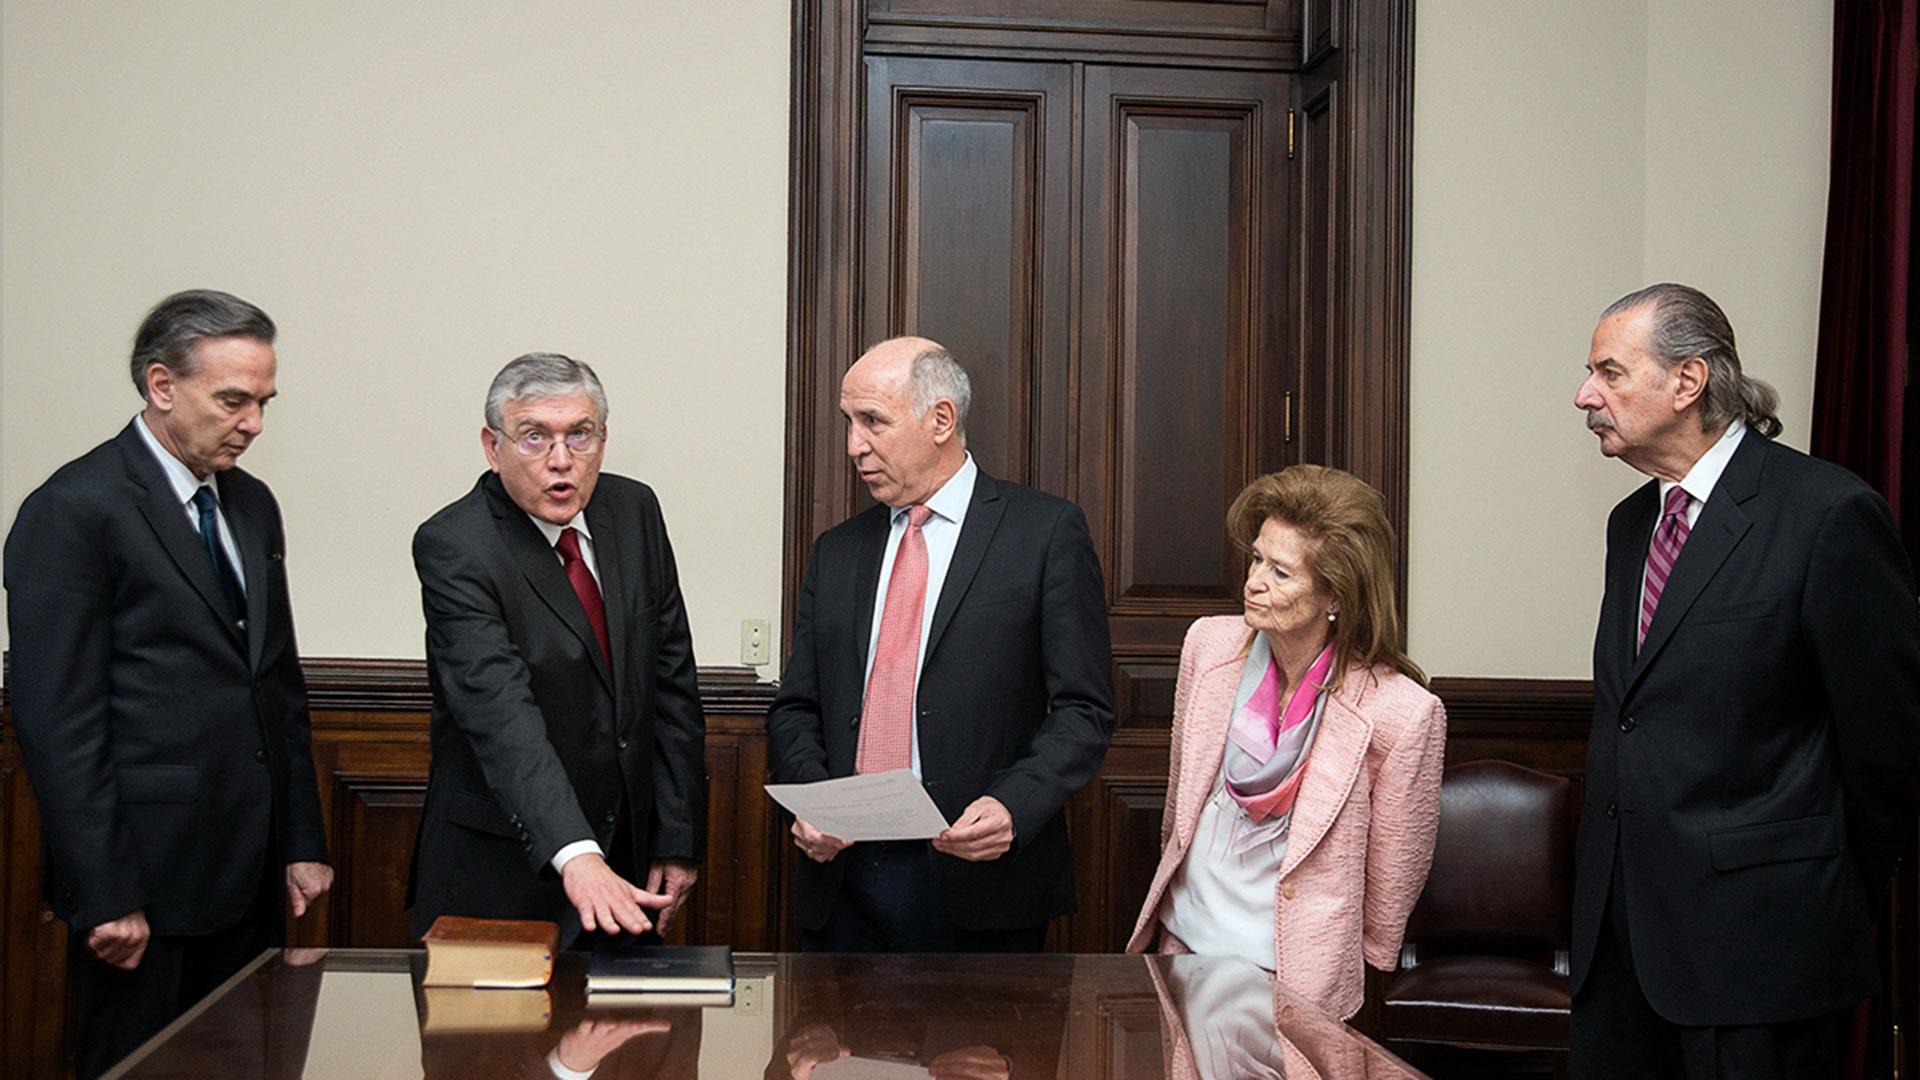 La Corte le tomó juramento al senador Mario Pais, el nuevo integrante del Consejo de la Magistratura